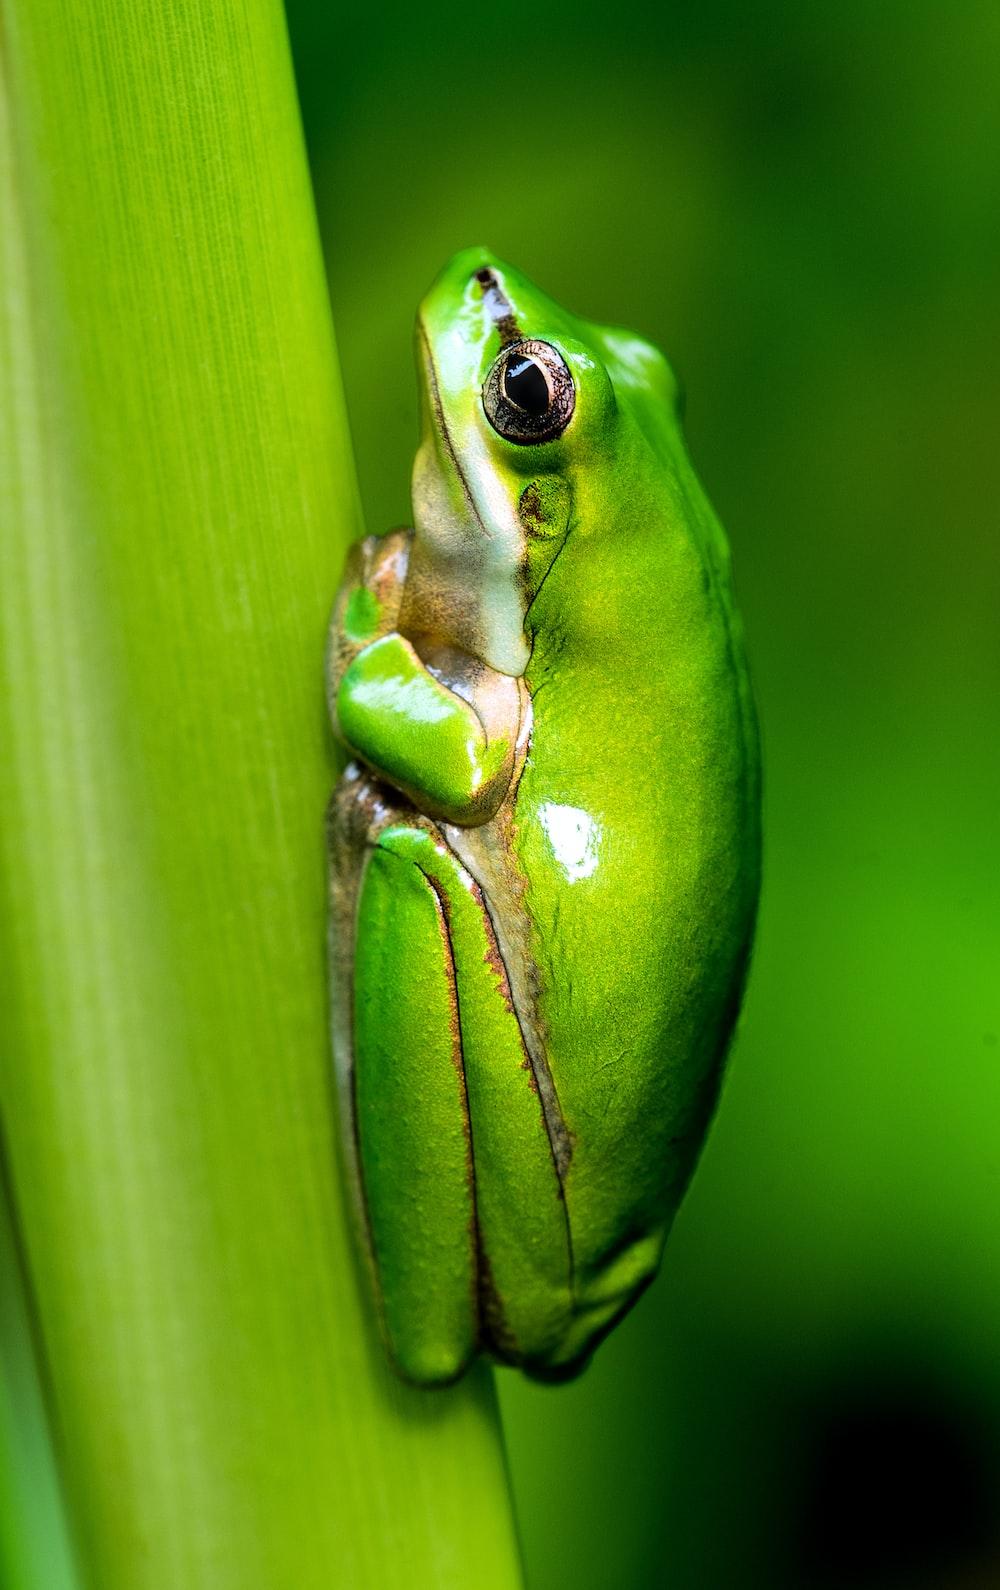 macro photo of green frog